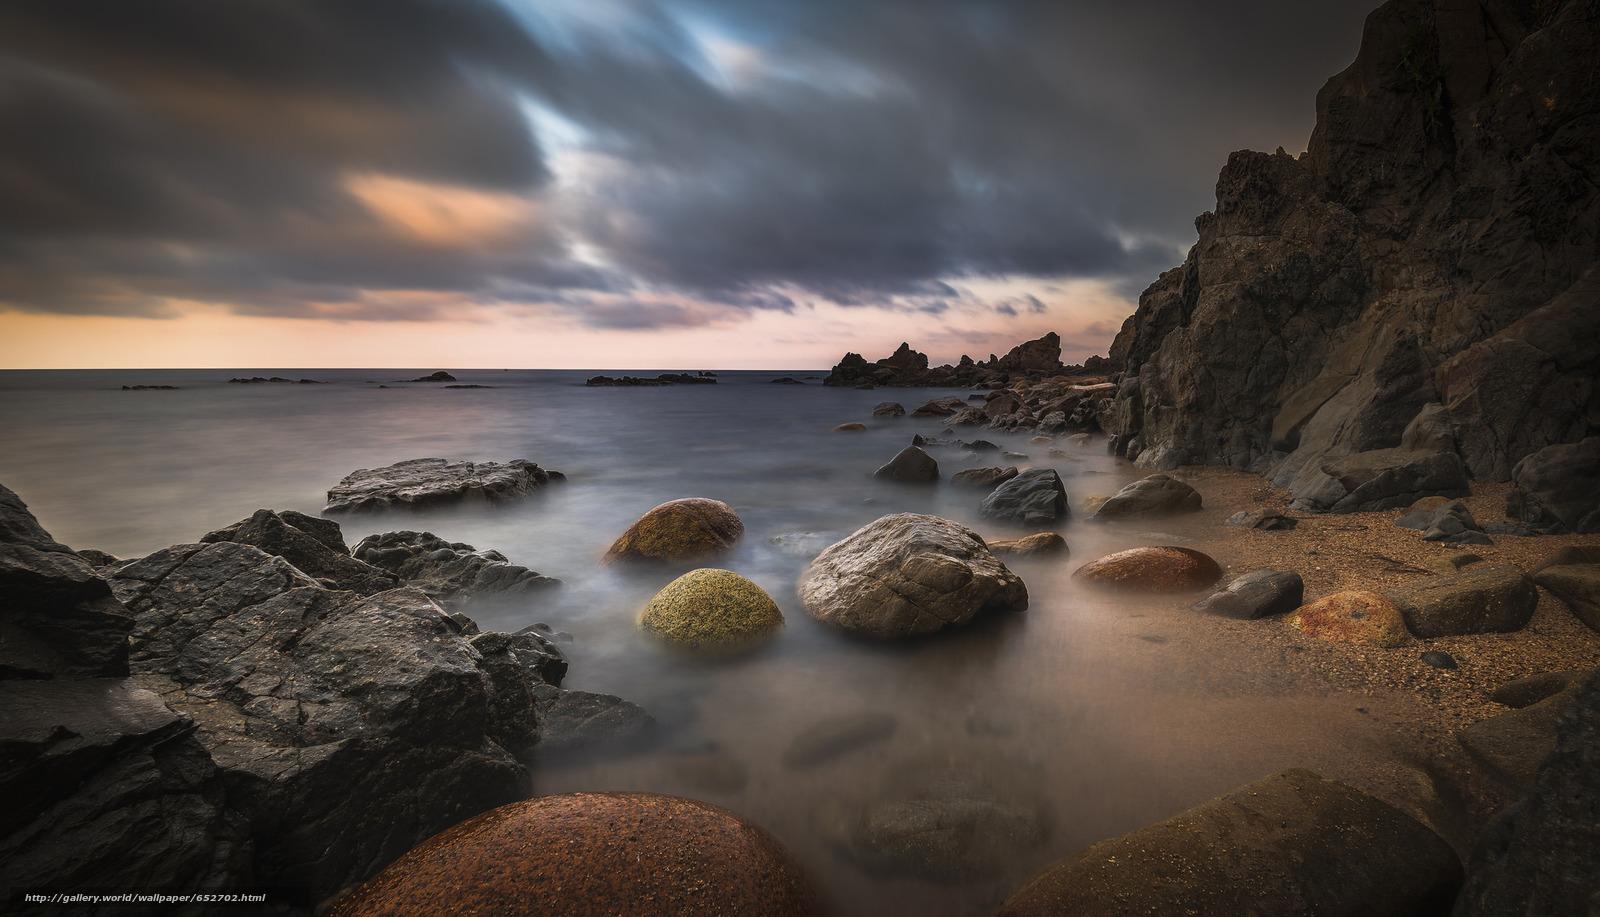 Скачать обои море,  камни,  берег,  тучи бесплатно для рабочего стола в разрешении 2048x1174 — картинка №652702